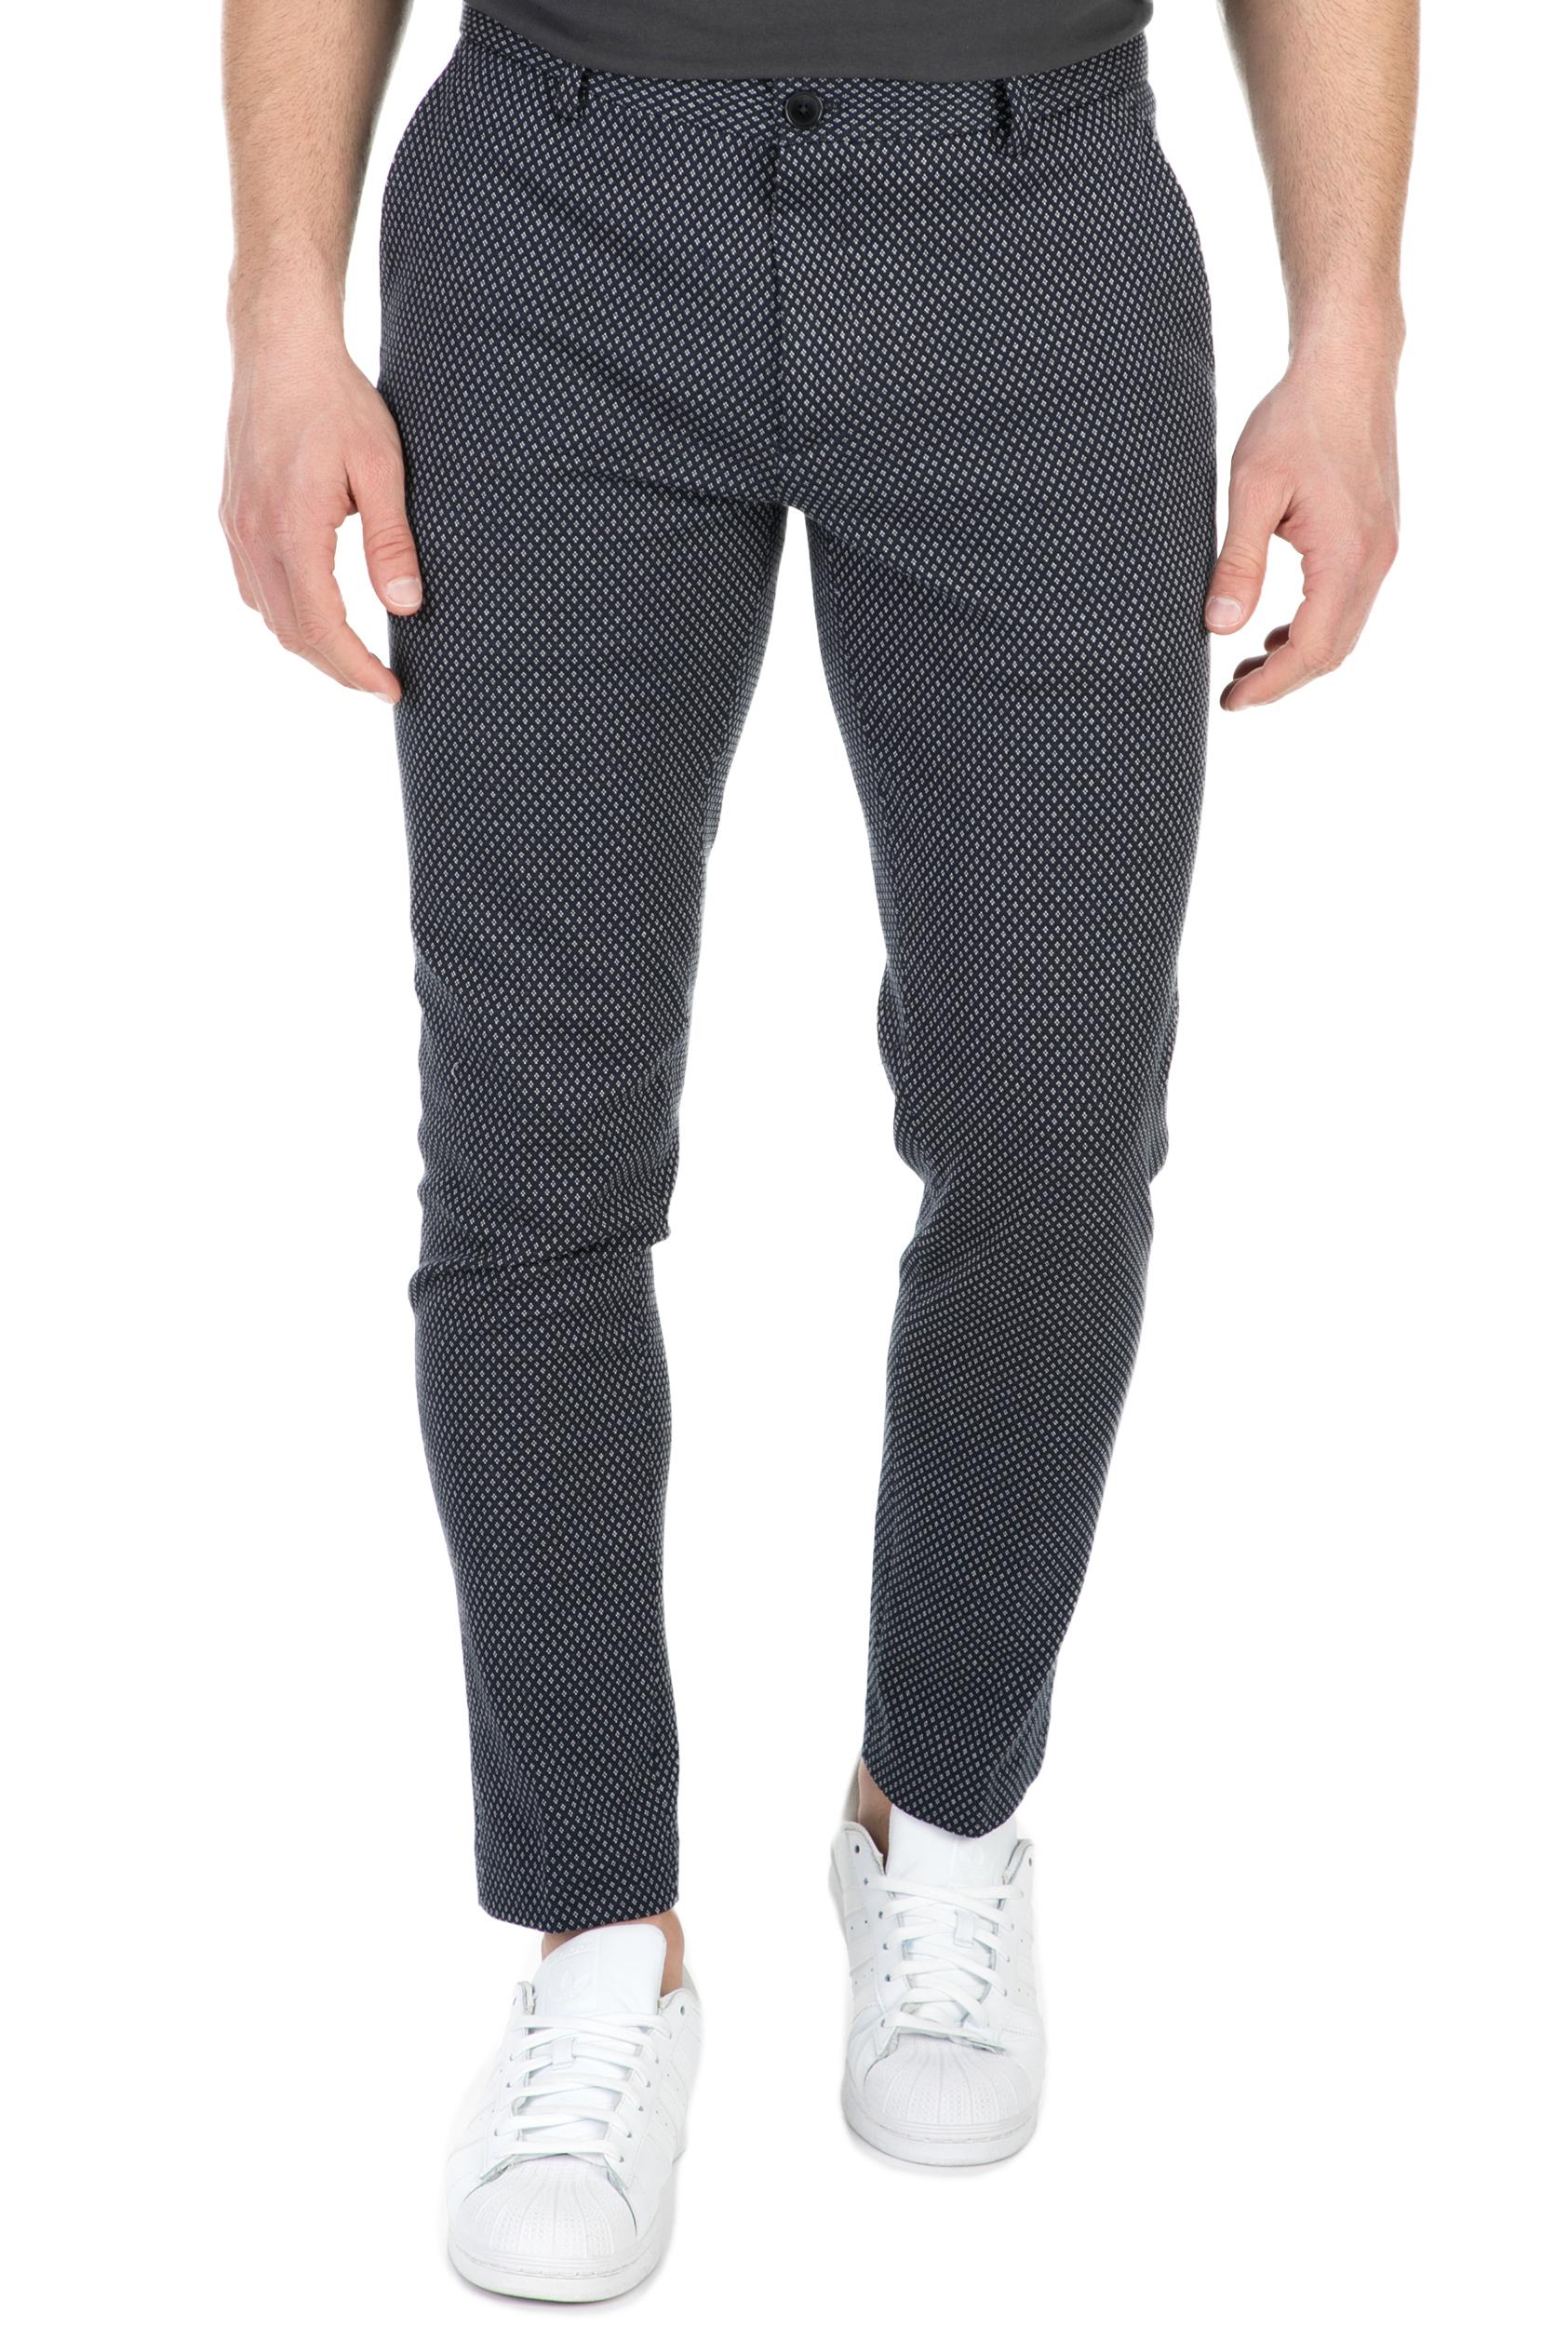 SCOTCH & SODA - Ανδρικό παντελόνι Mott SCOTCH & SODA μαύρο-γκρι ανδρικά ρούχα παντελόνια chinos